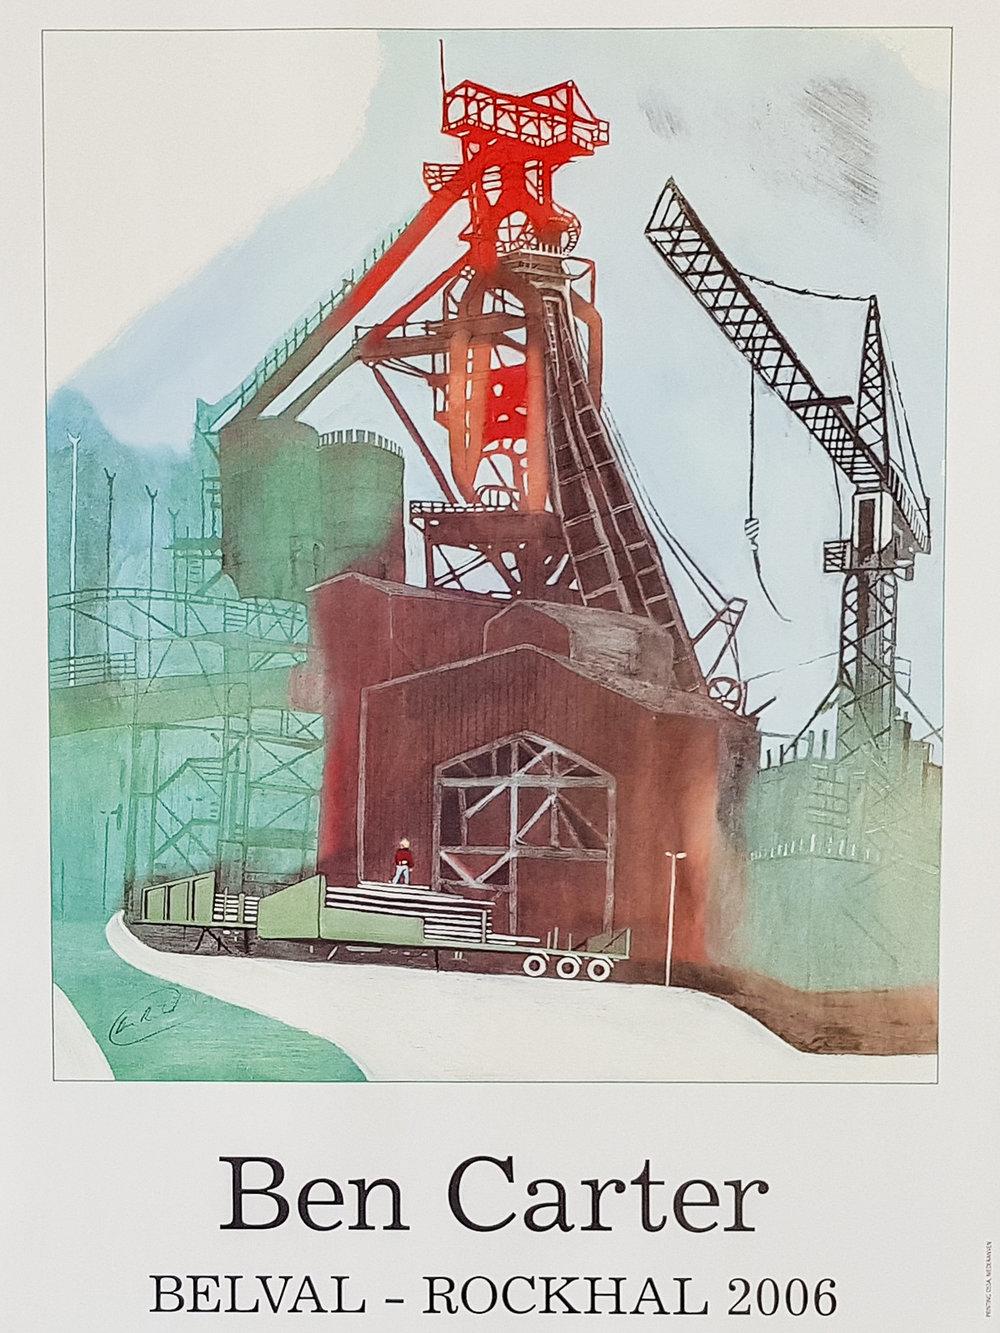 belval - rockhal - Poster50 x 70 comEUR 80